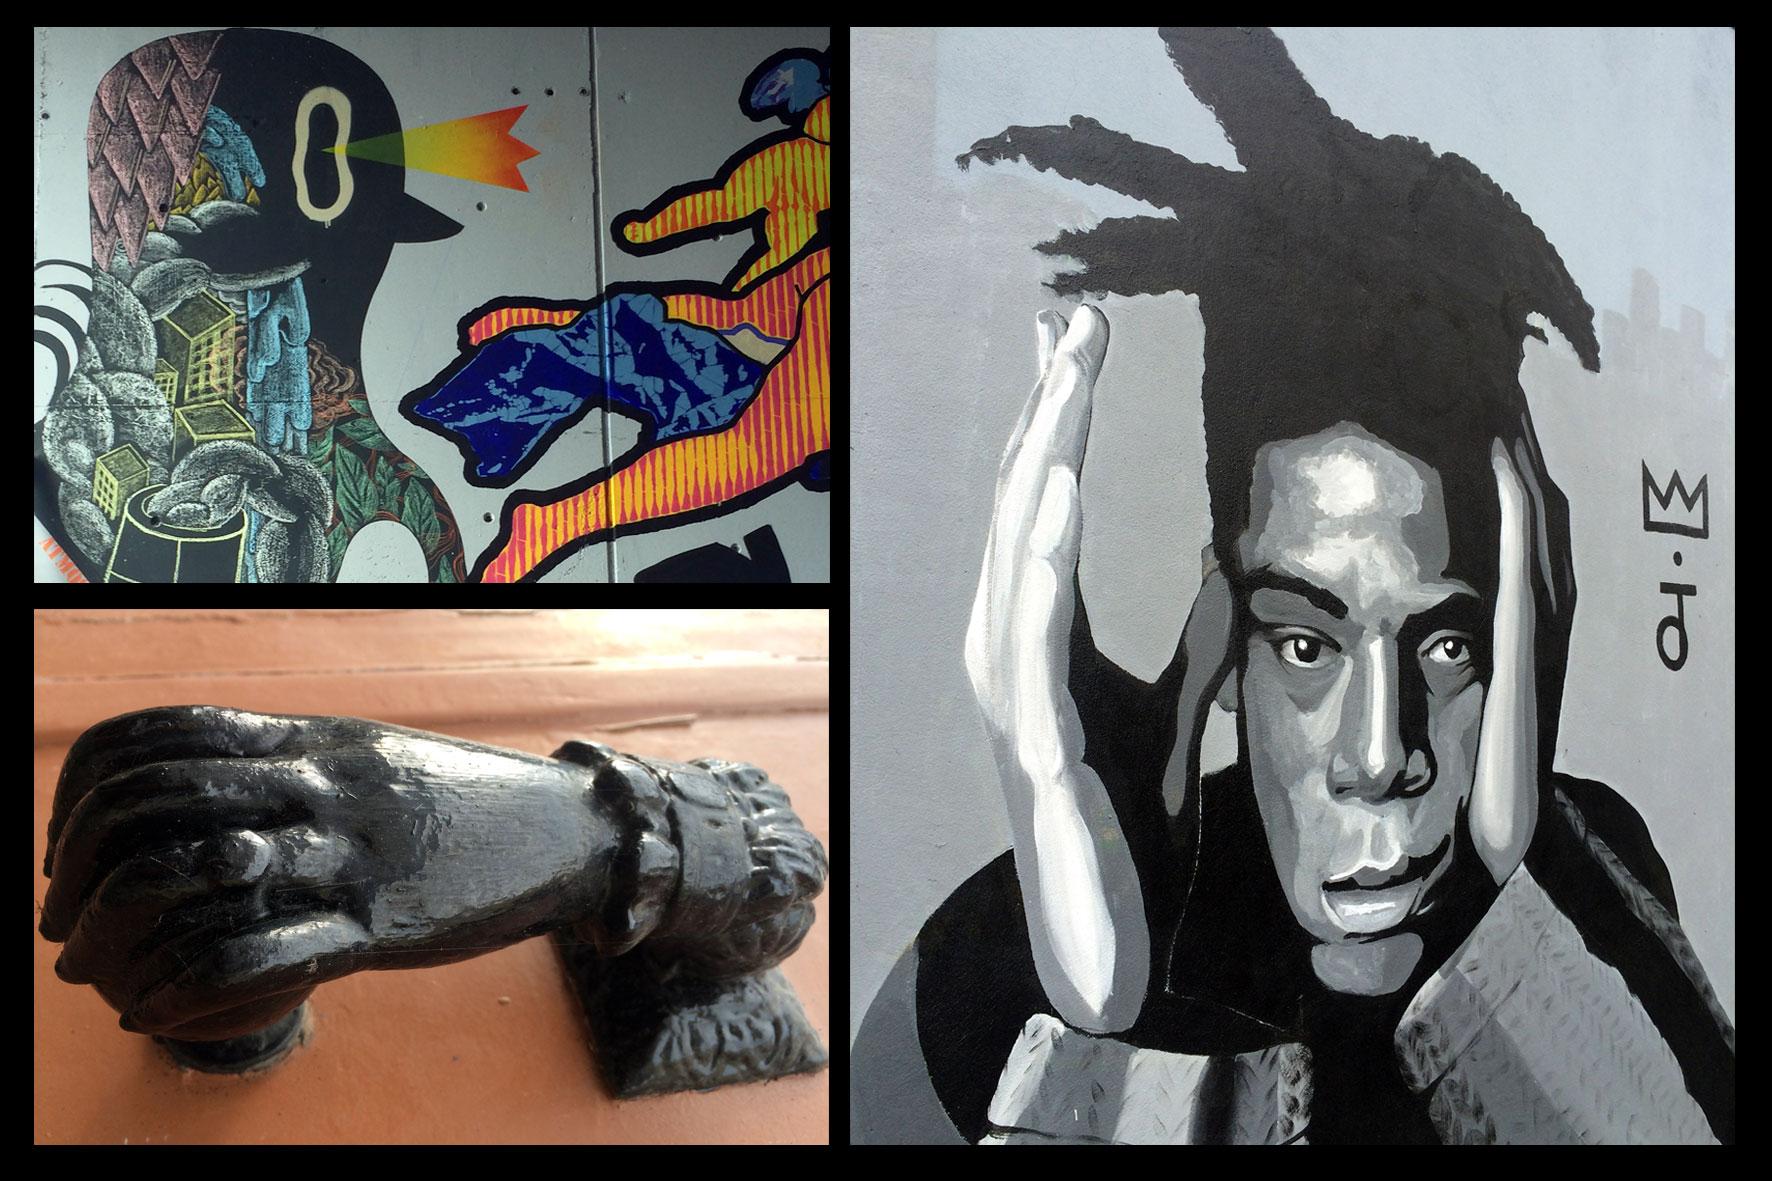 Décoration d'intérieur - Street Art